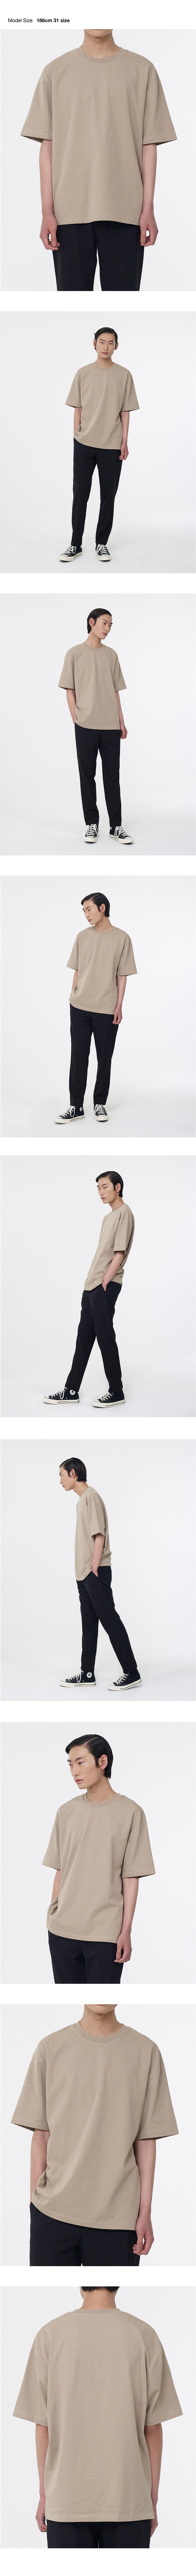 라츠(LOTS) 헤비 웨이트 슬릿 티셔츠 헤이즐넛 베이지